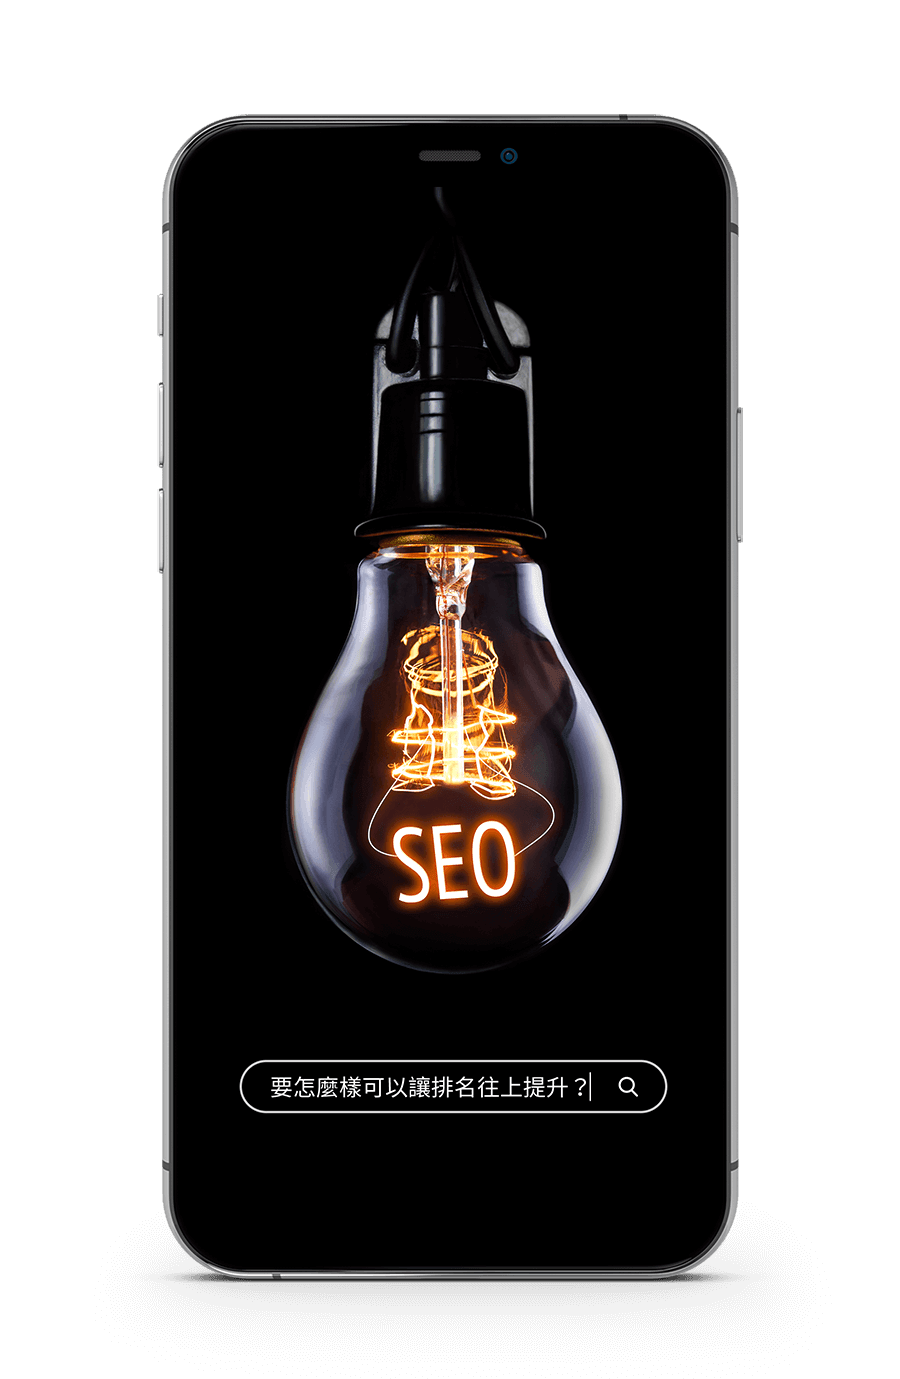 傑克大俠網站設計 | 網站作品 | 網站排名優化 | SEO優化 | 行銷顧問